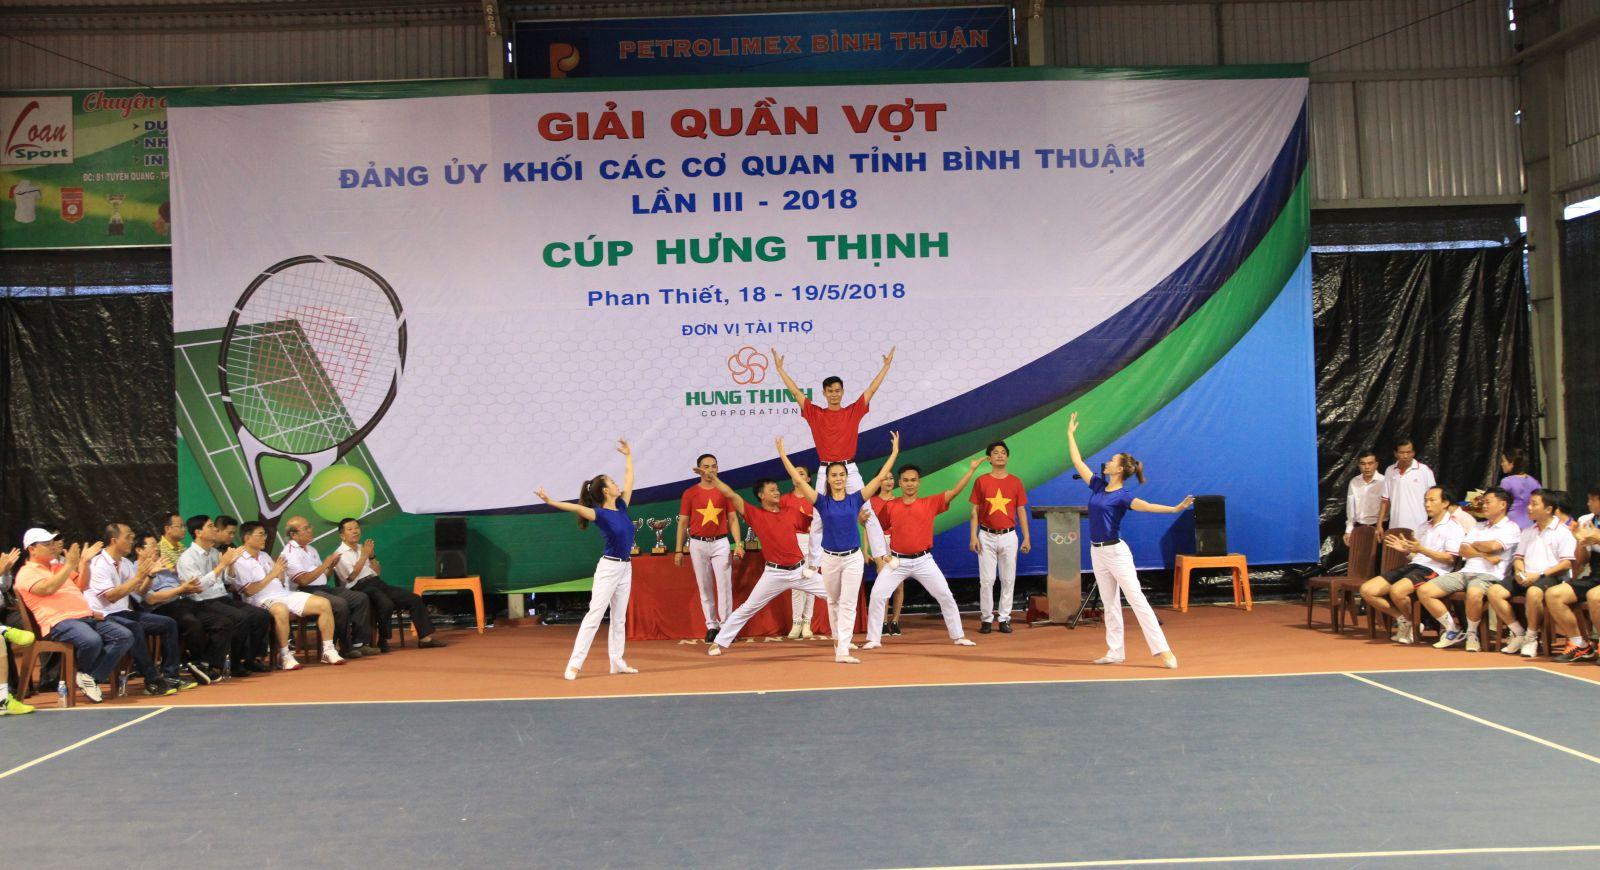 Hình Giải Quần vợt Đảng ủy khối các cơ quan tỉnh Bình Thuận lần thứ III năm 2018 cúp Hưng Thịnh